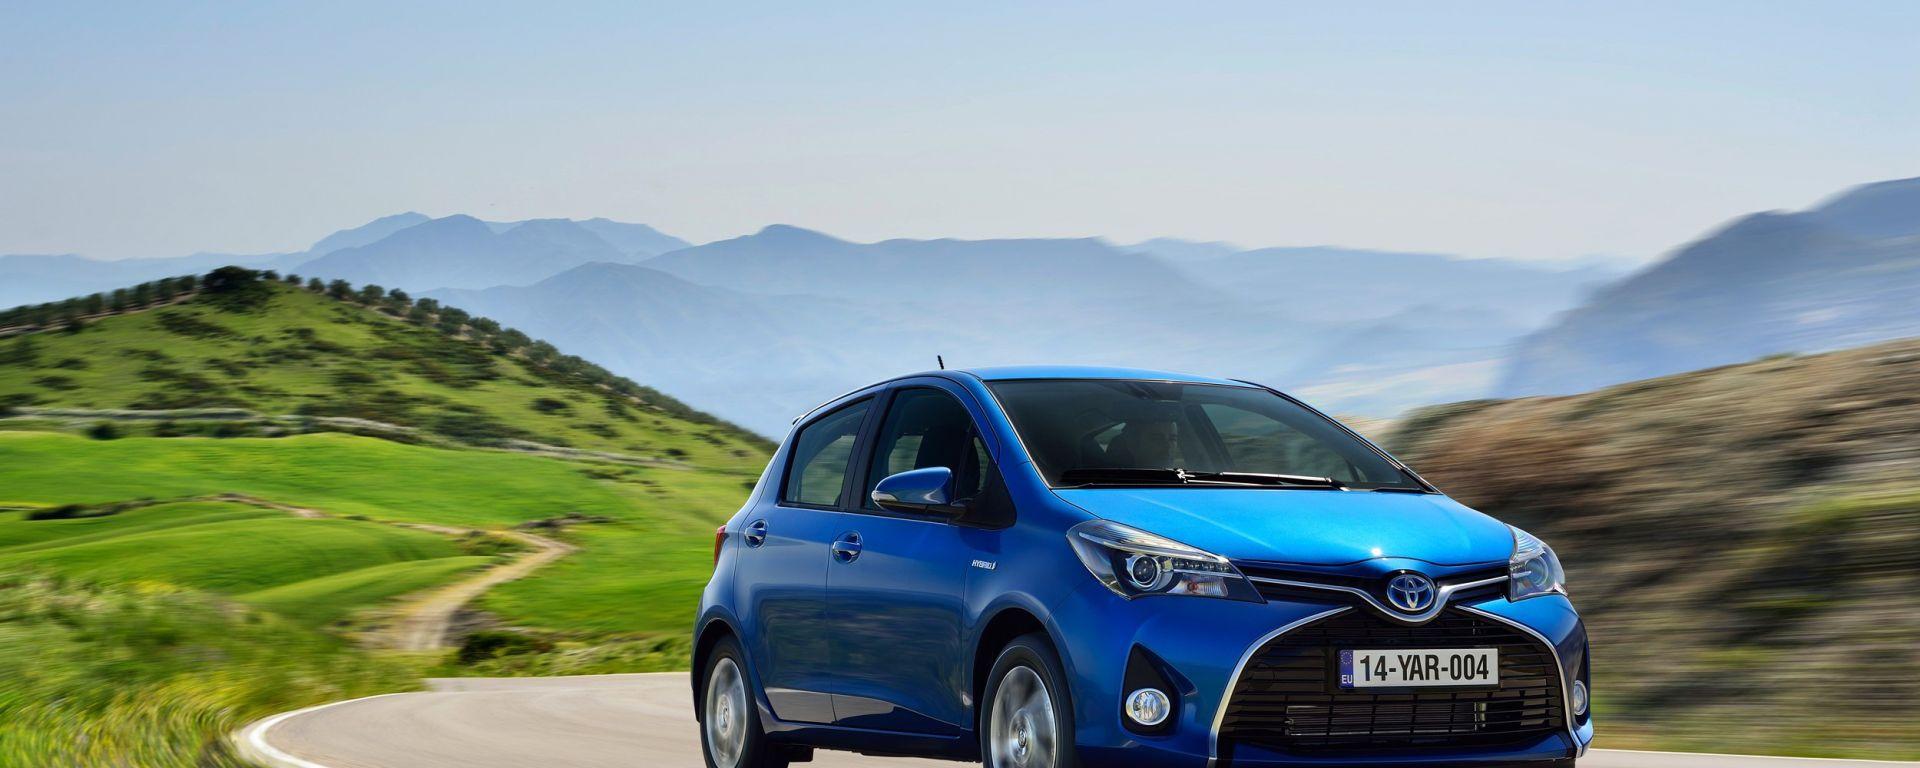 Nuova Toyota Yaris Hybrid: la scelta giusta